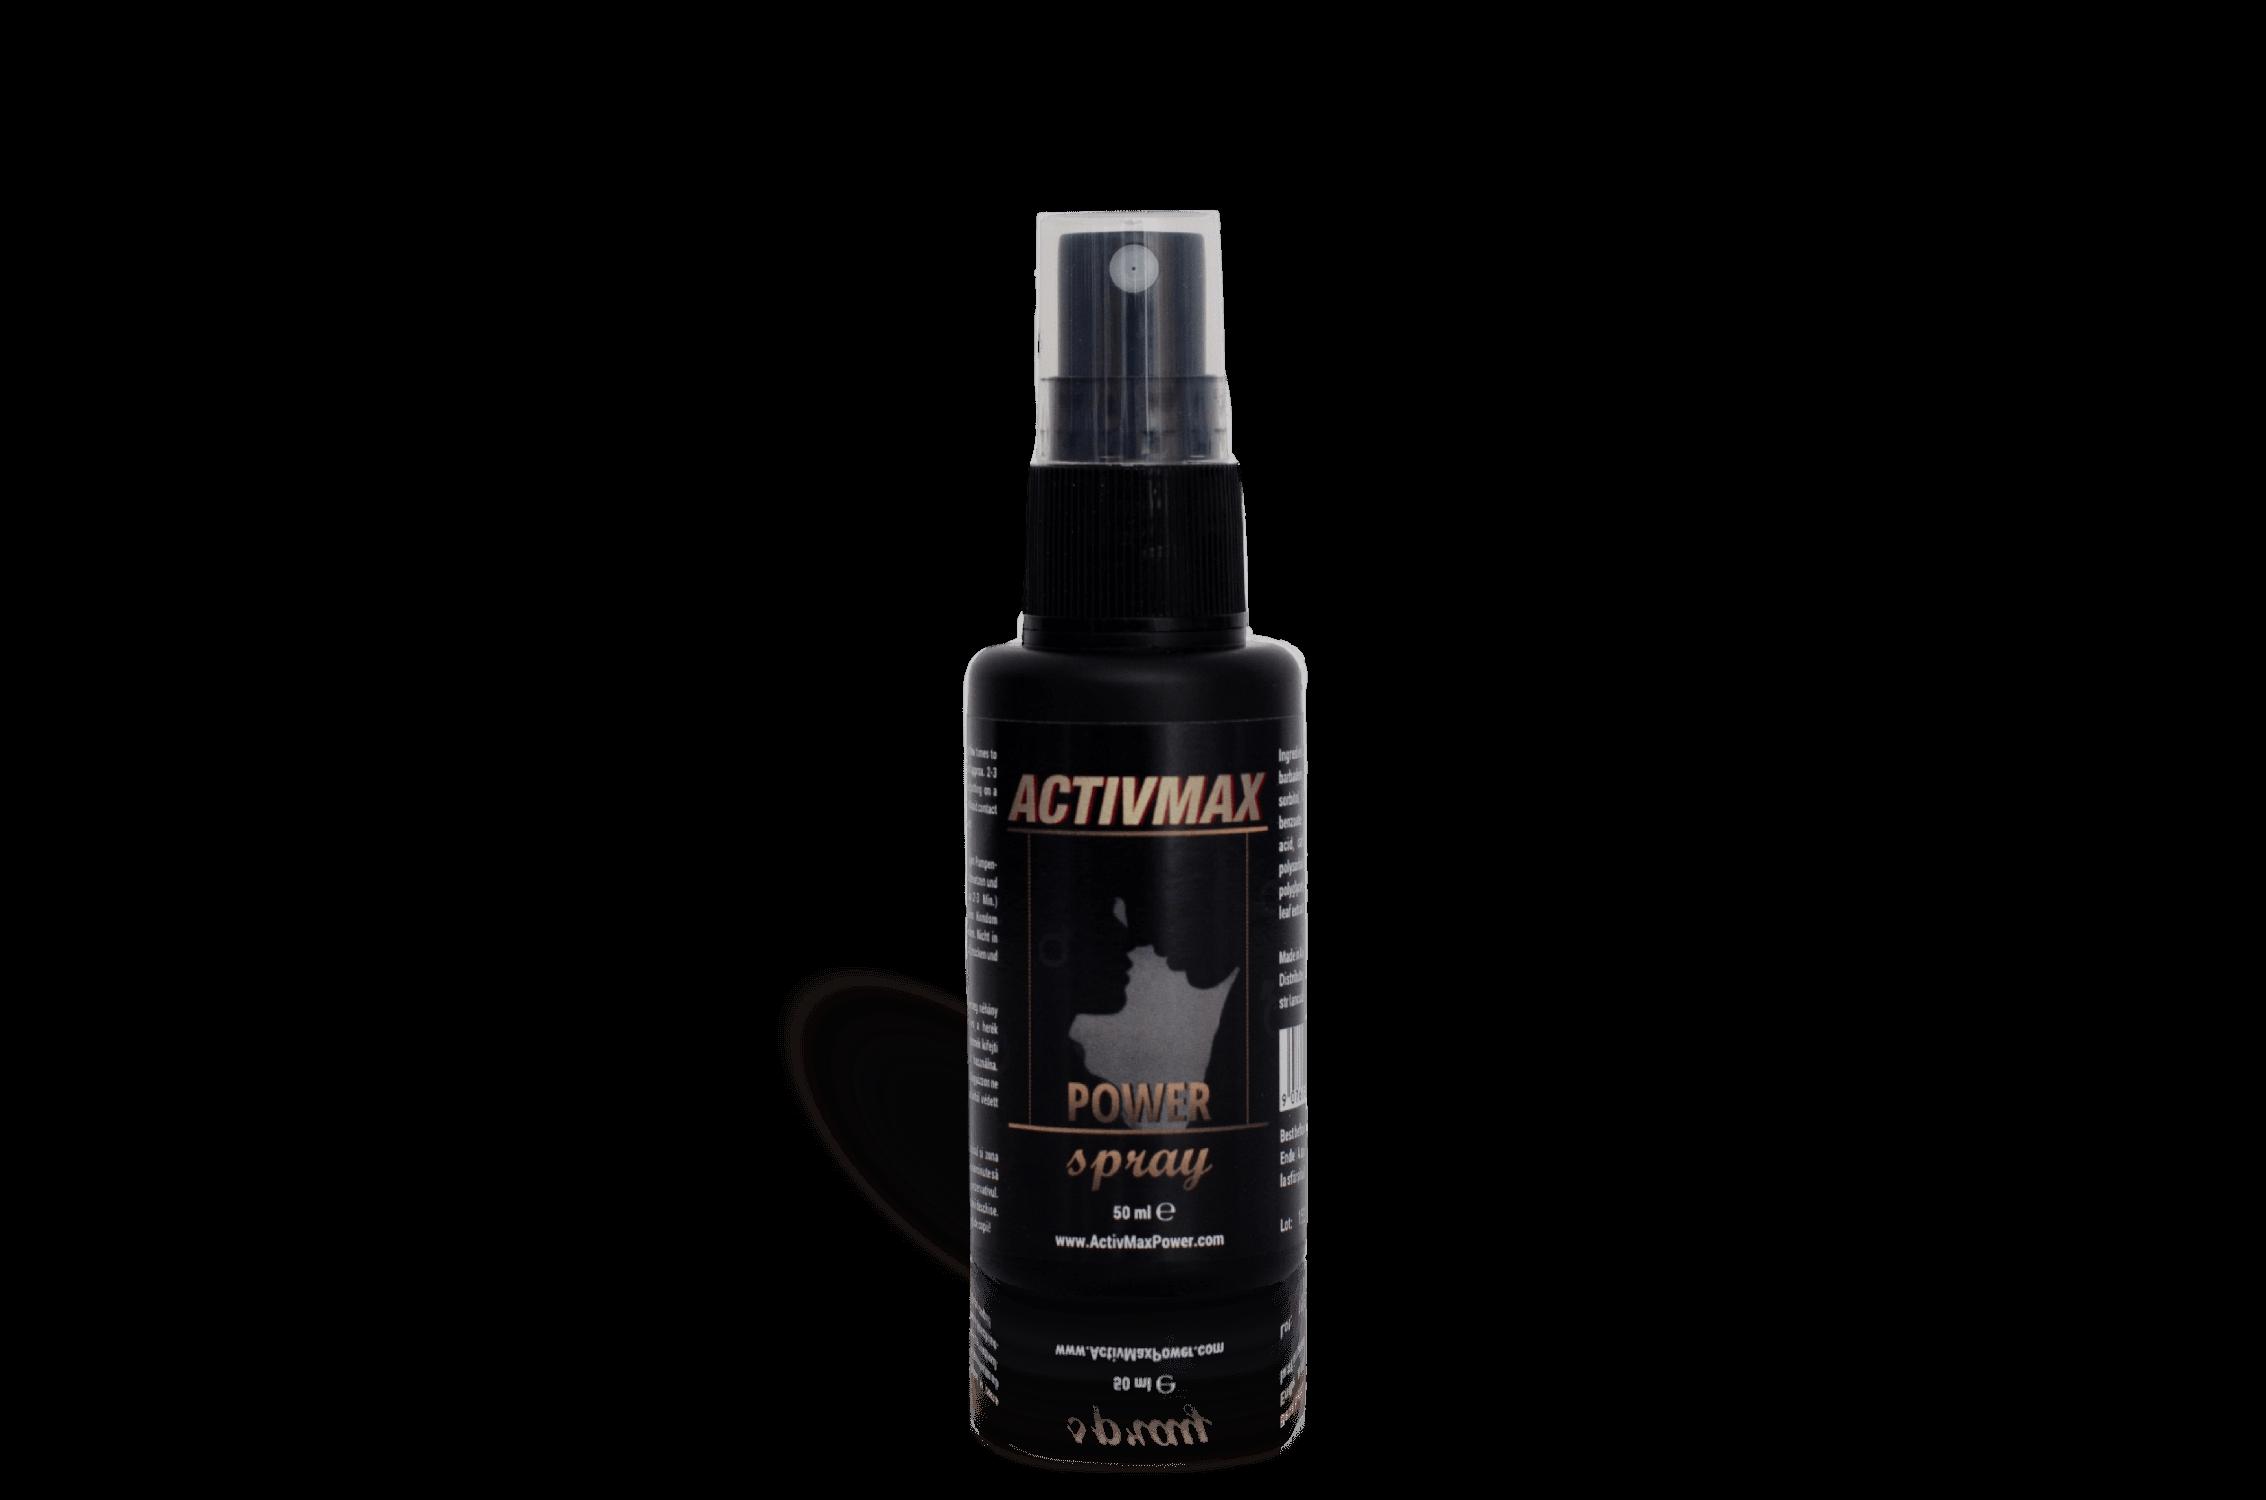 Activmax (50ml) - Spray Pentru Potenta Si Ejaculare Prematura